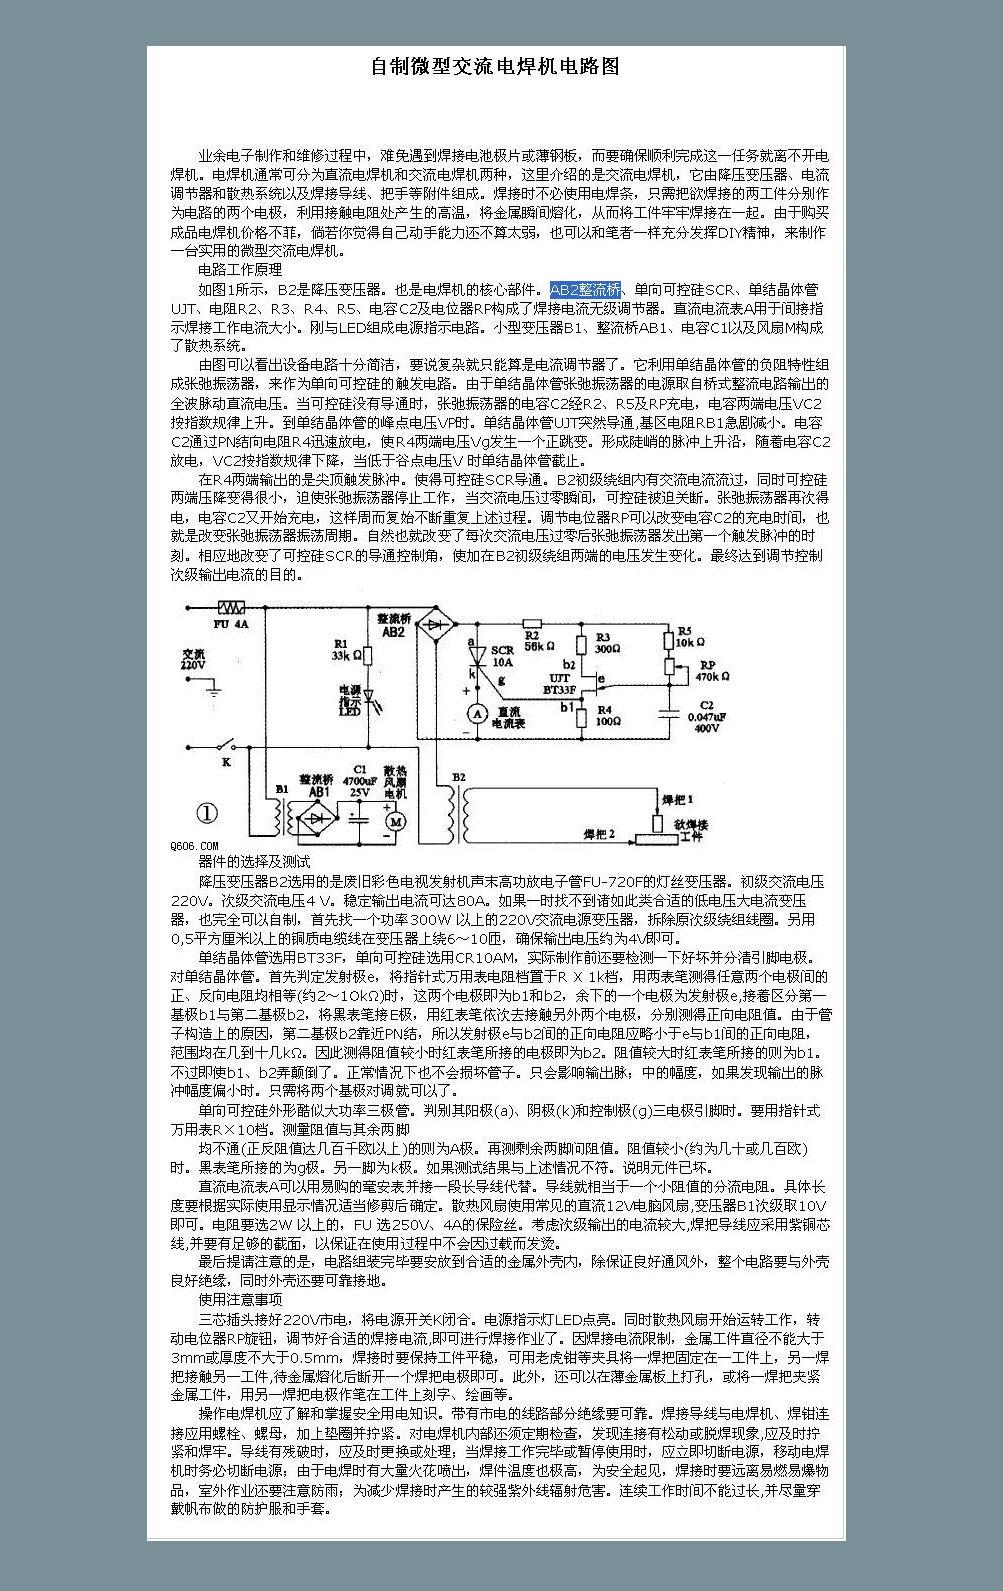 微型交流电焊机电路图.jpg-交流电焊机电路图图片大全 交流电焊机节图片